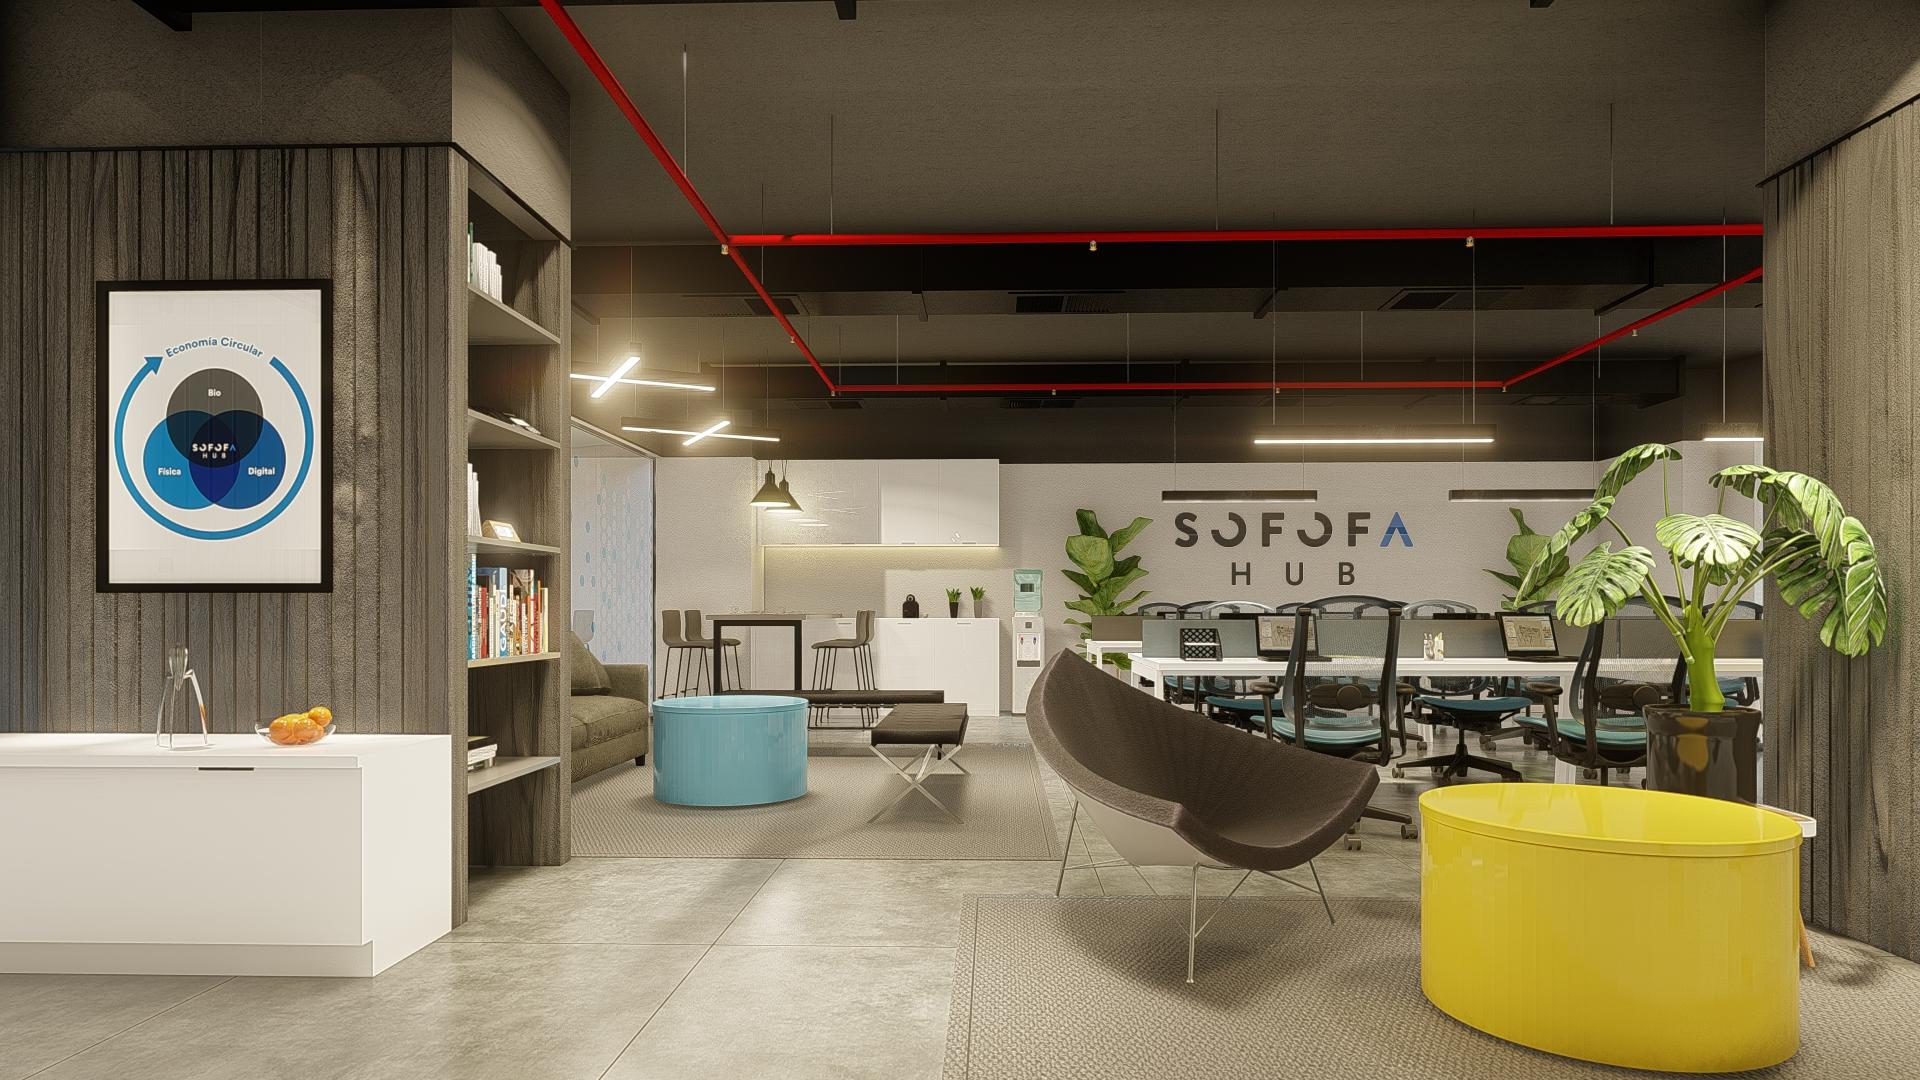 SOFOFA_4 - Foto